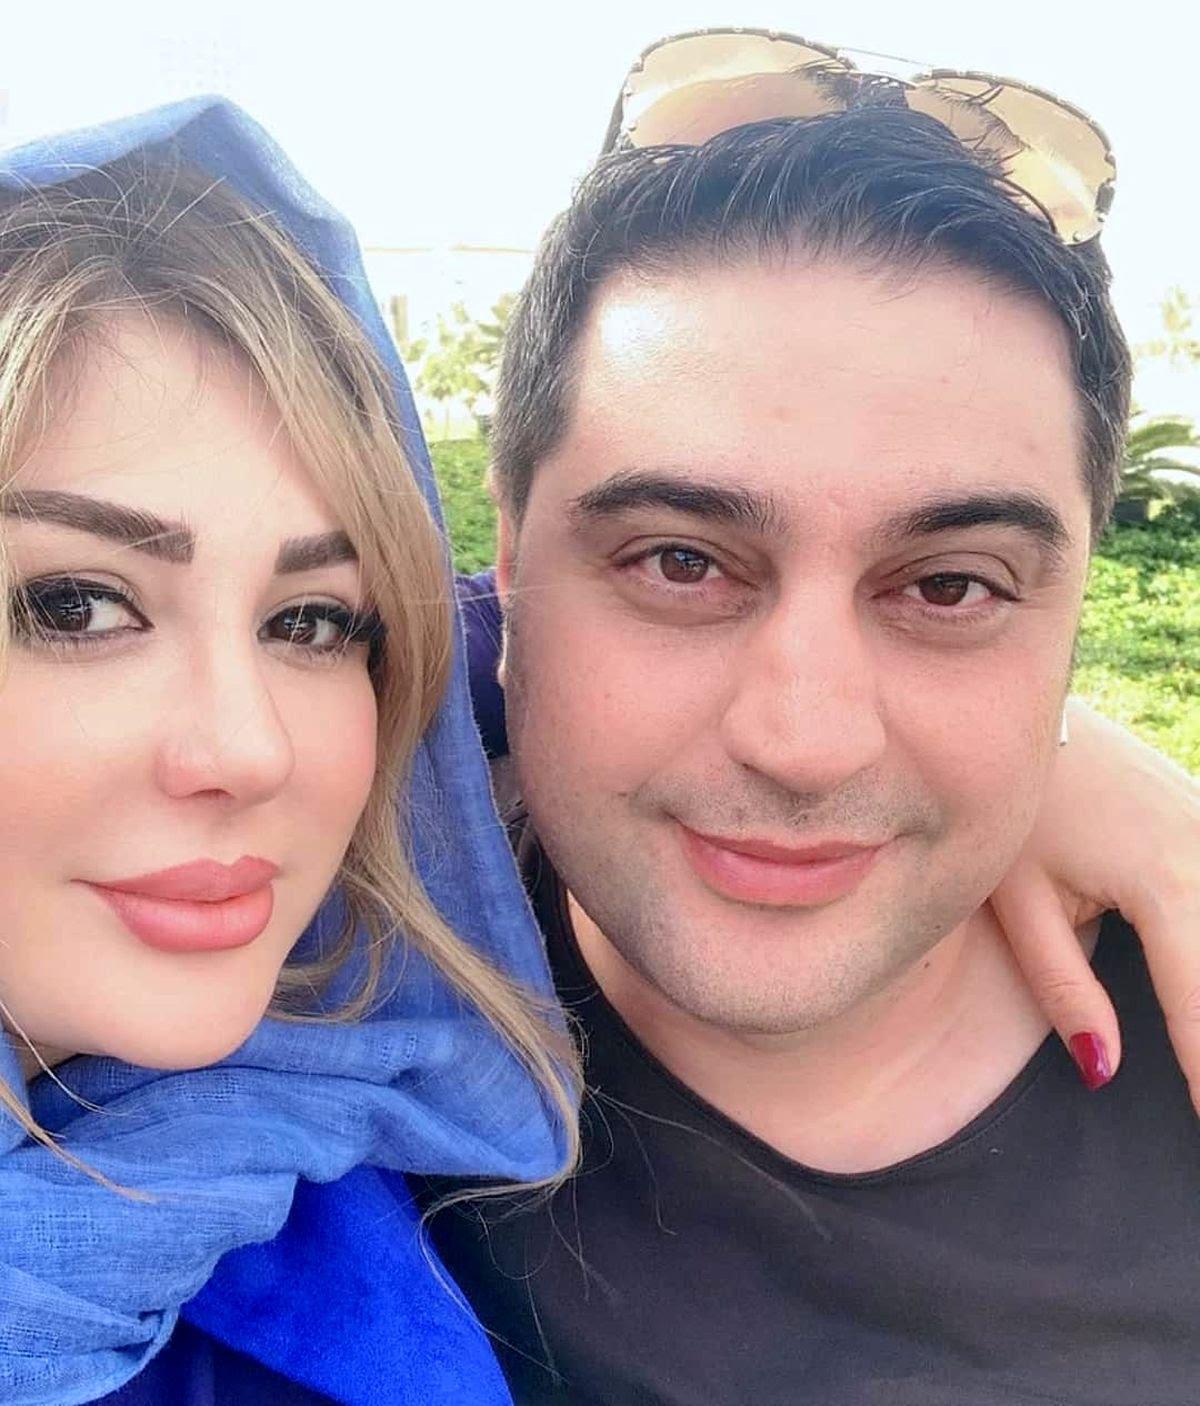 مهریه نیوشا ضیغمی جنجالی شد ! + عکس ها و جزییات